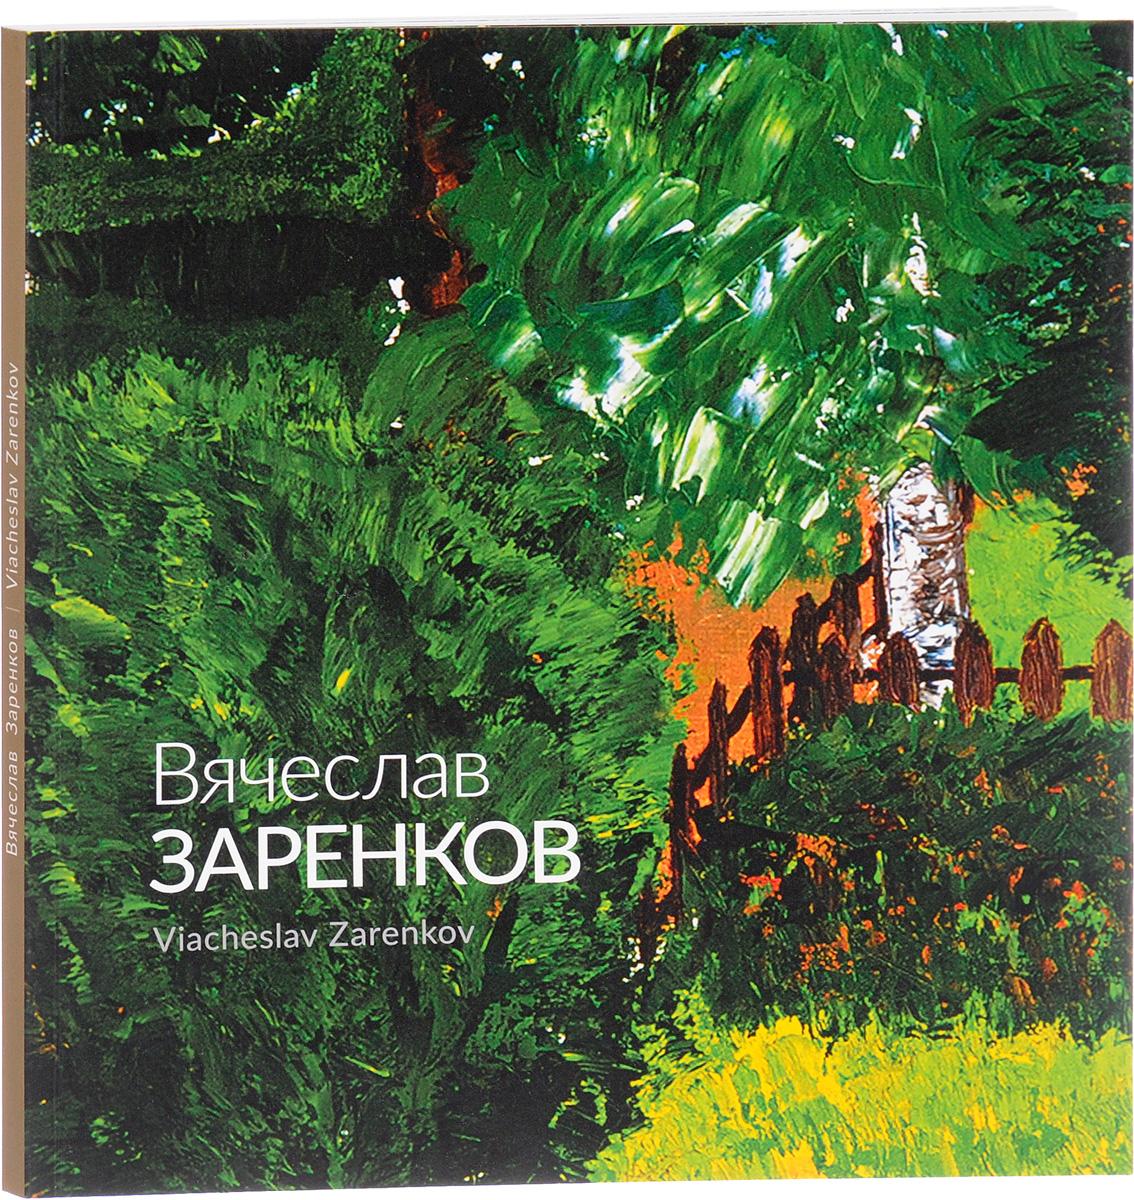 Фото Вячеслав Заренков. Живопись / Viacheslav Zarenkov: Painting. Купить  в РФ